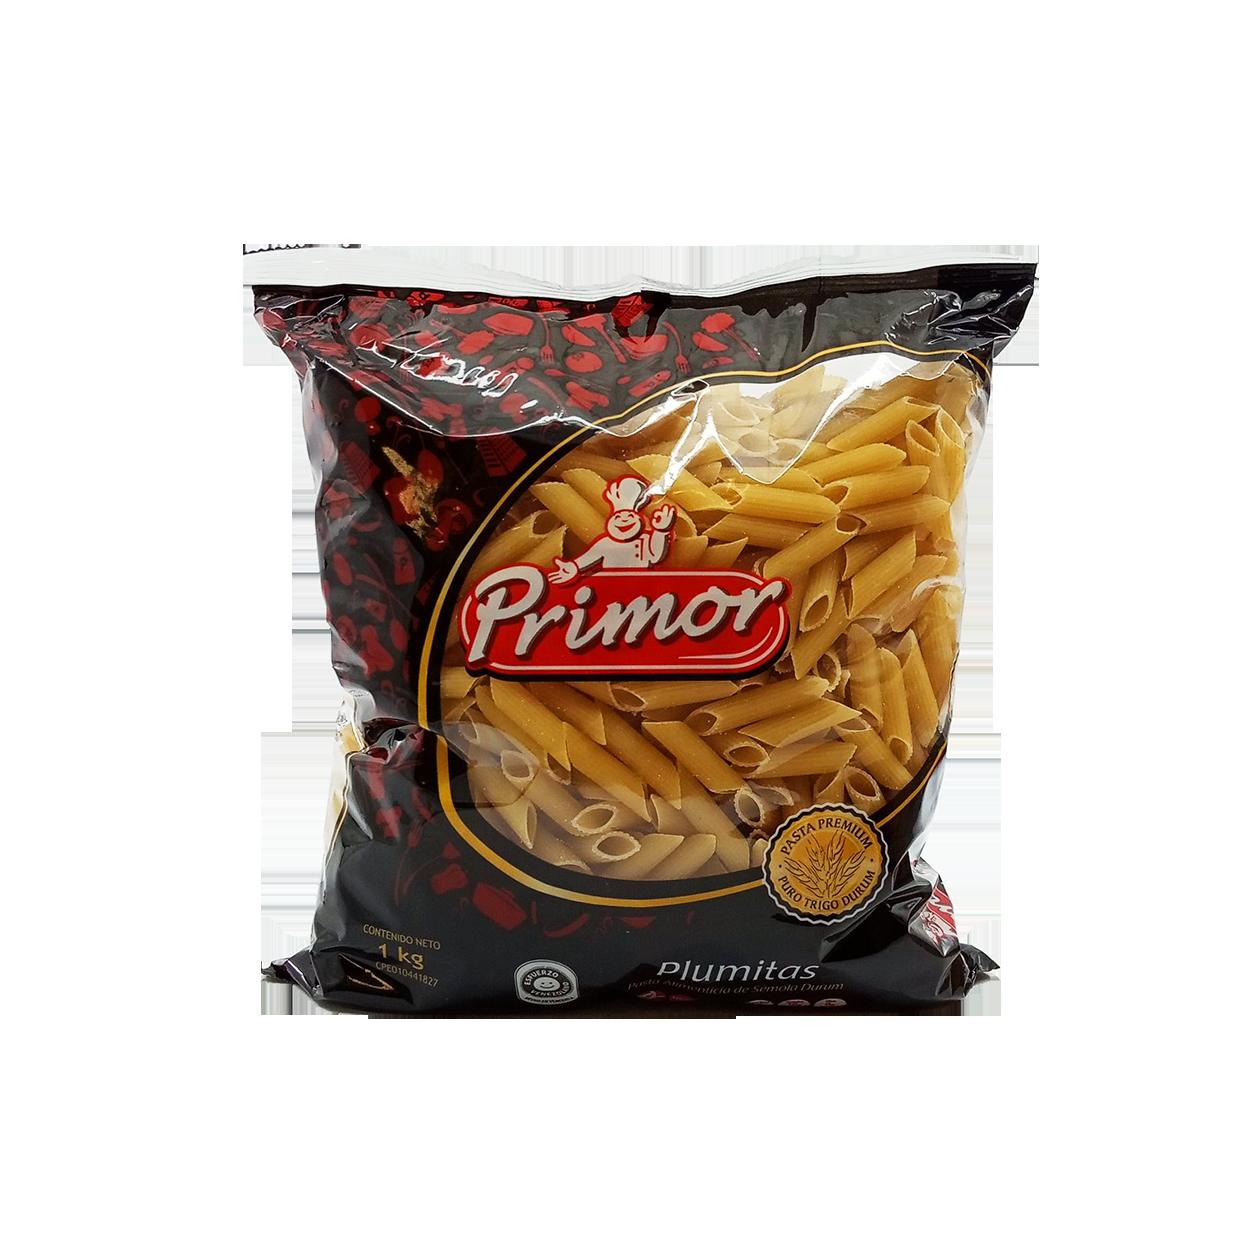 PRIMOR PASTA PLUMITAS 1KG